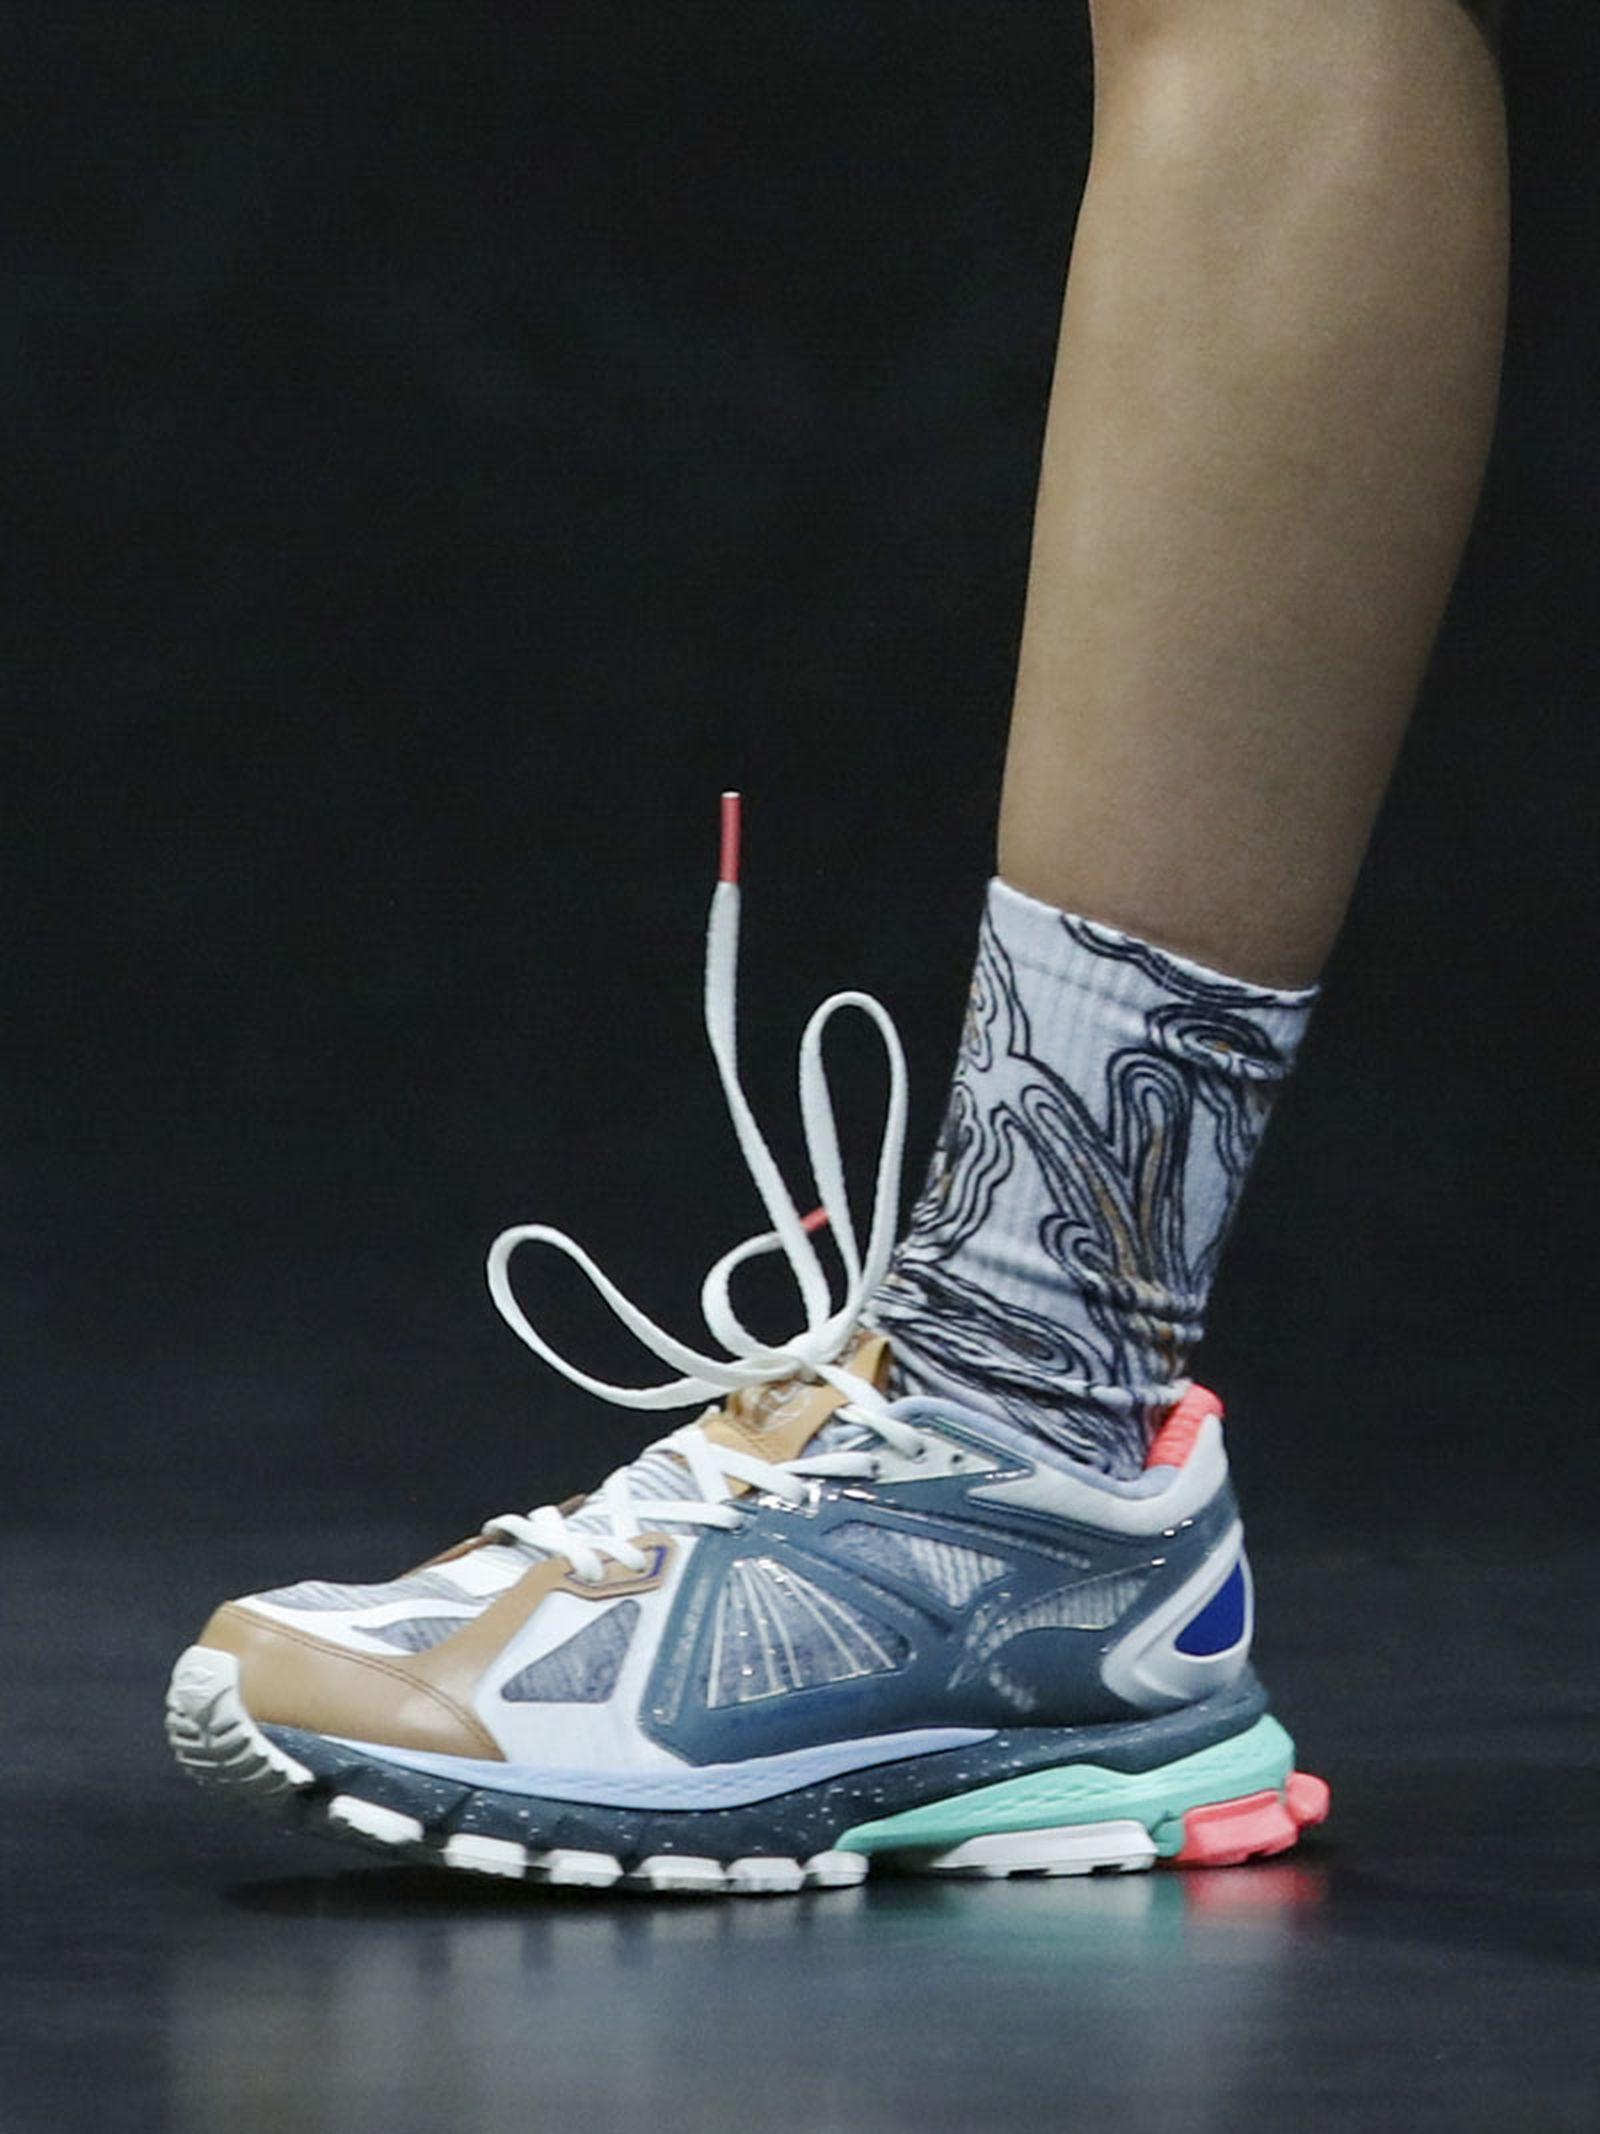 li-ning-ss21-footwear-collection-paris-fashion-week-05